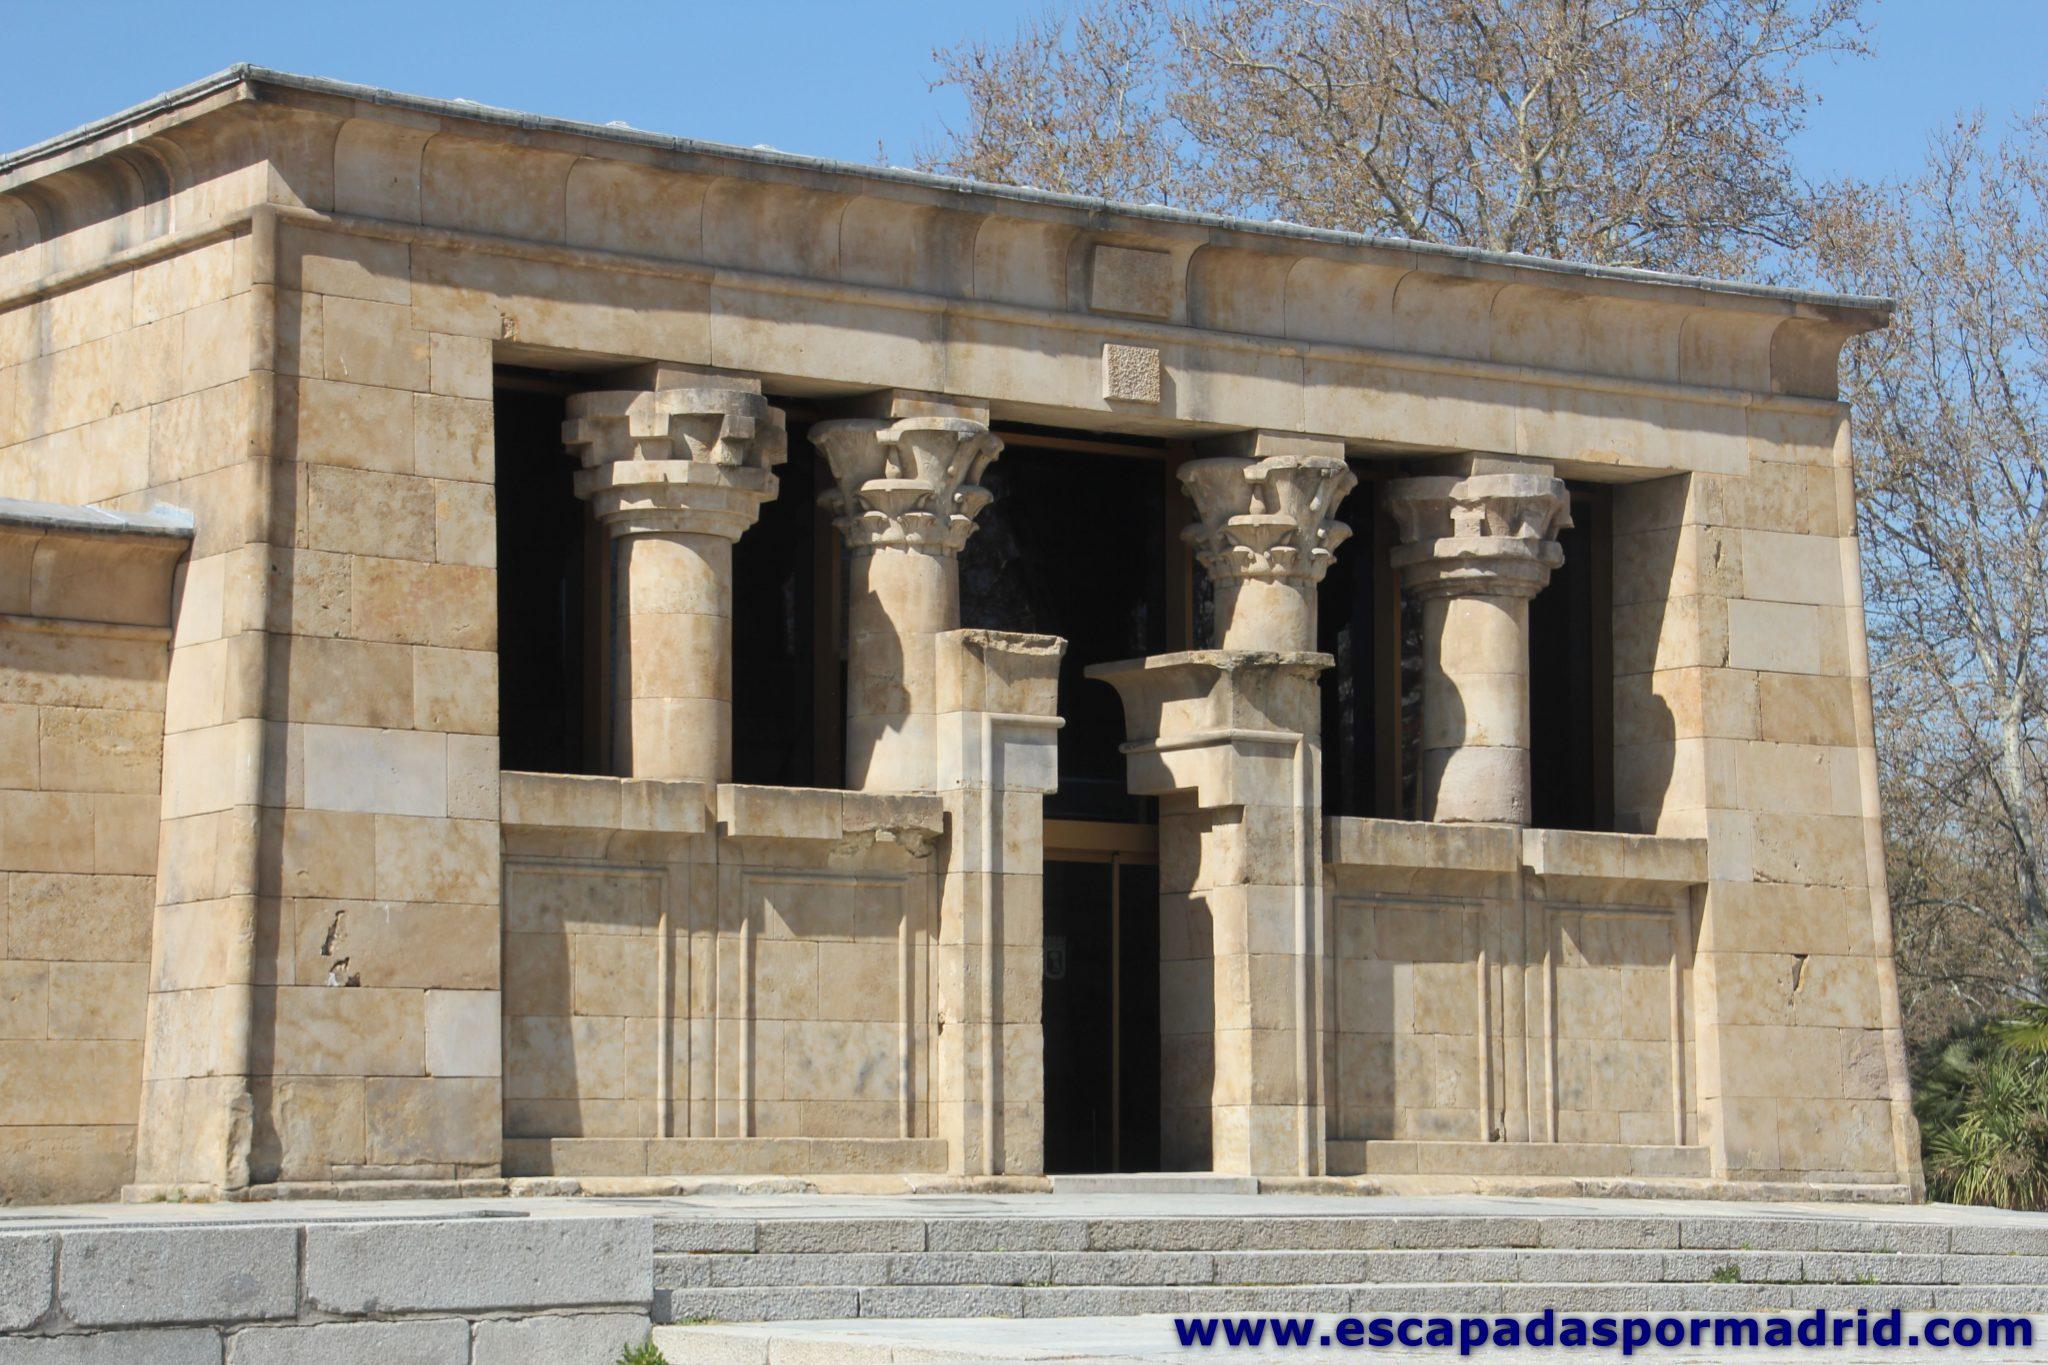 foto de Portada del Templo de Debod